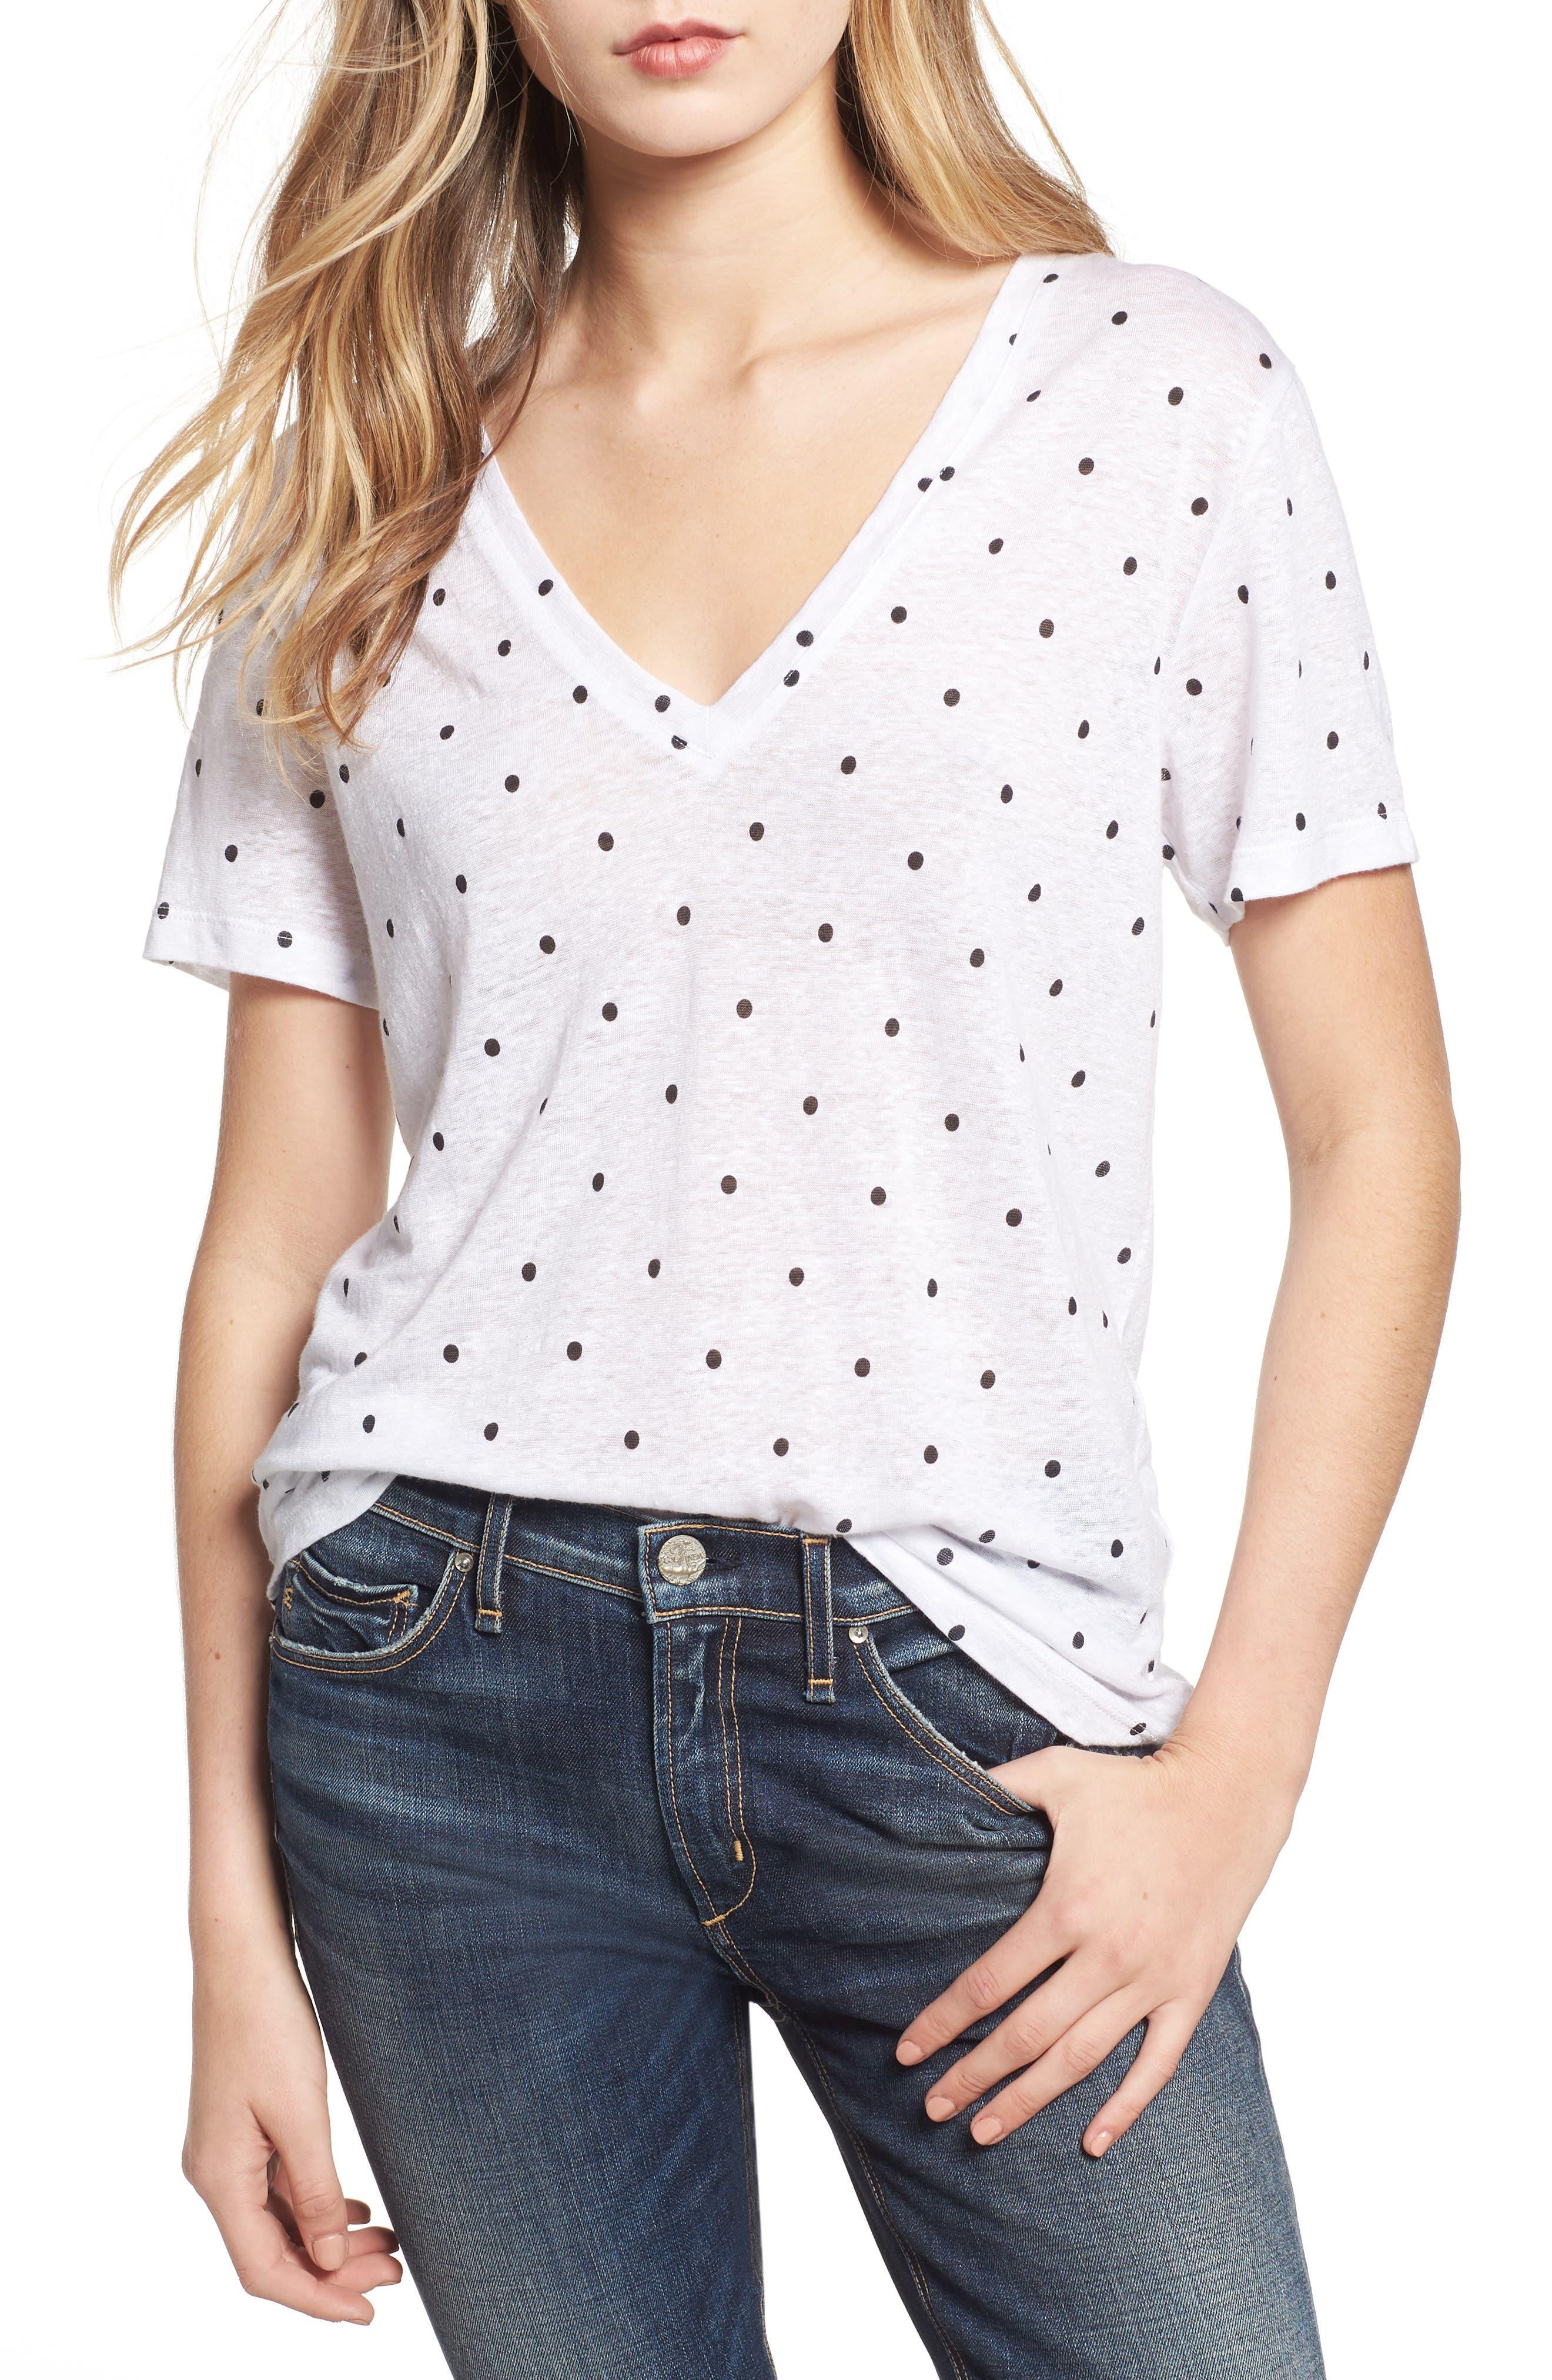 Cara V-Neck Slub Knit Tee in White Black Polka Dots